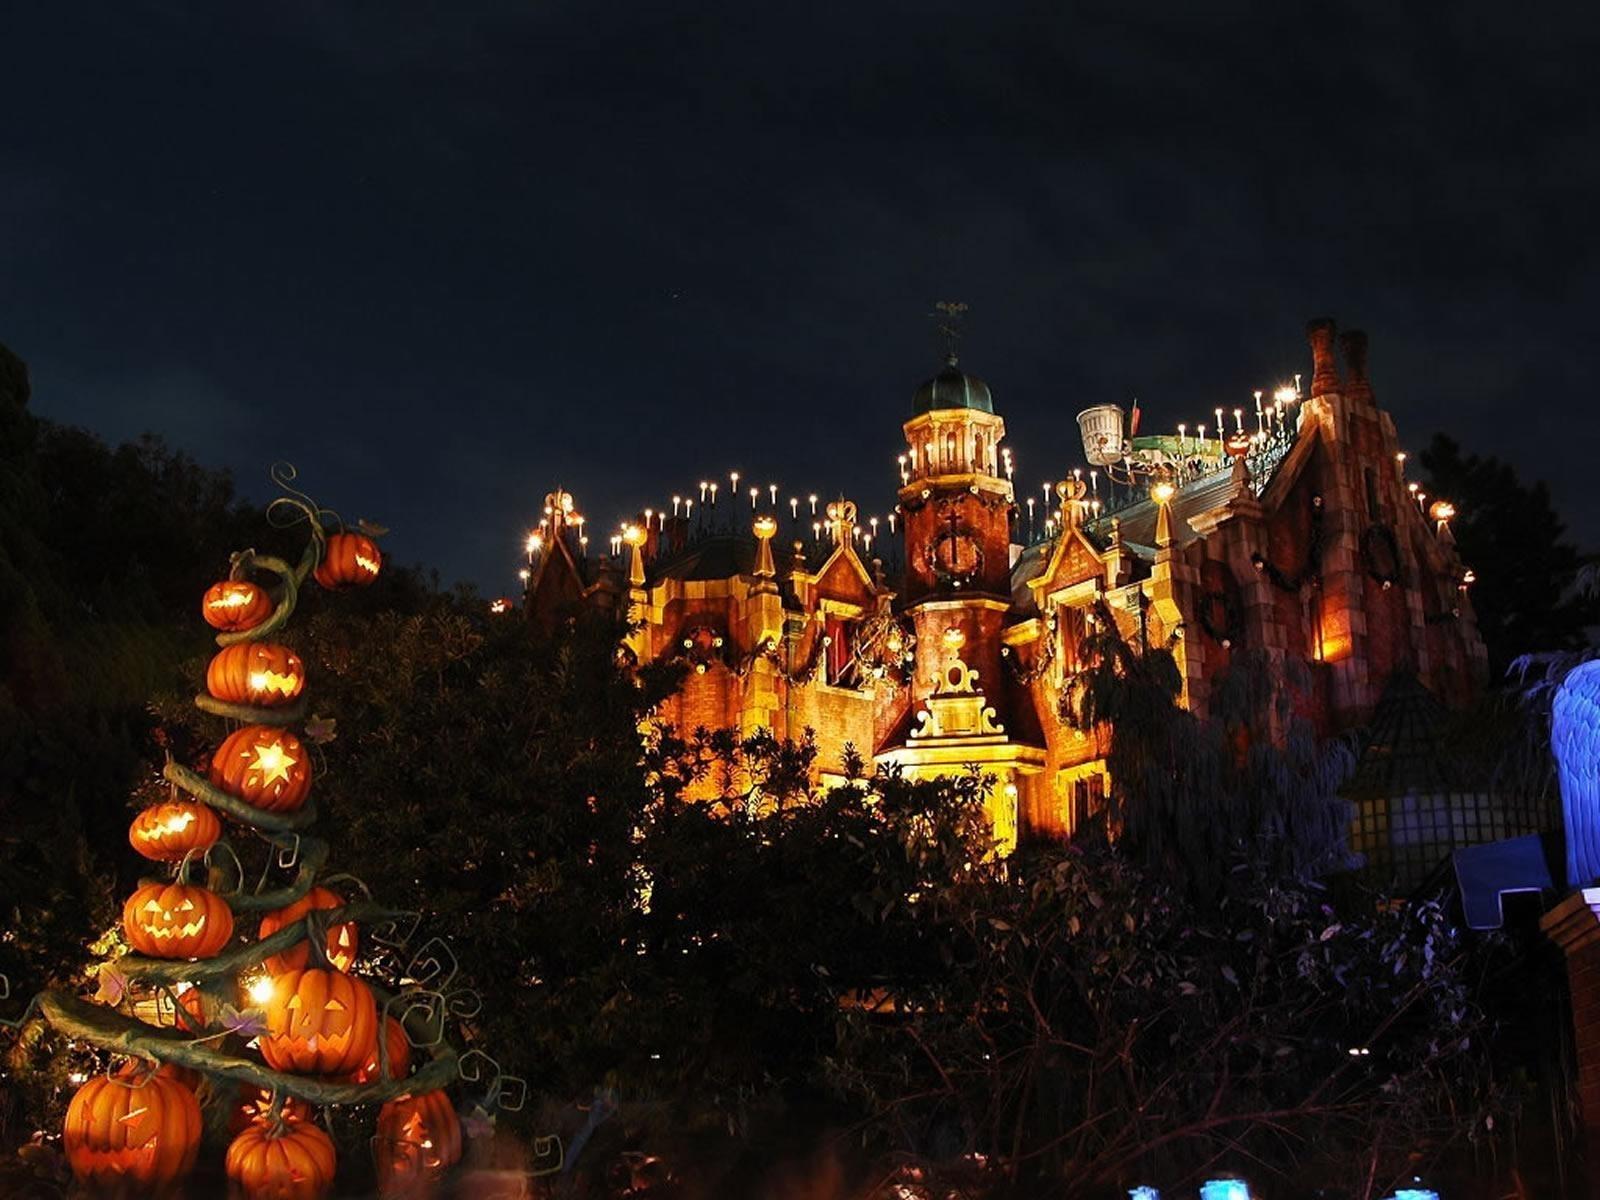 halloween haunted mansion hd desktop wallpaper : widescreen : high